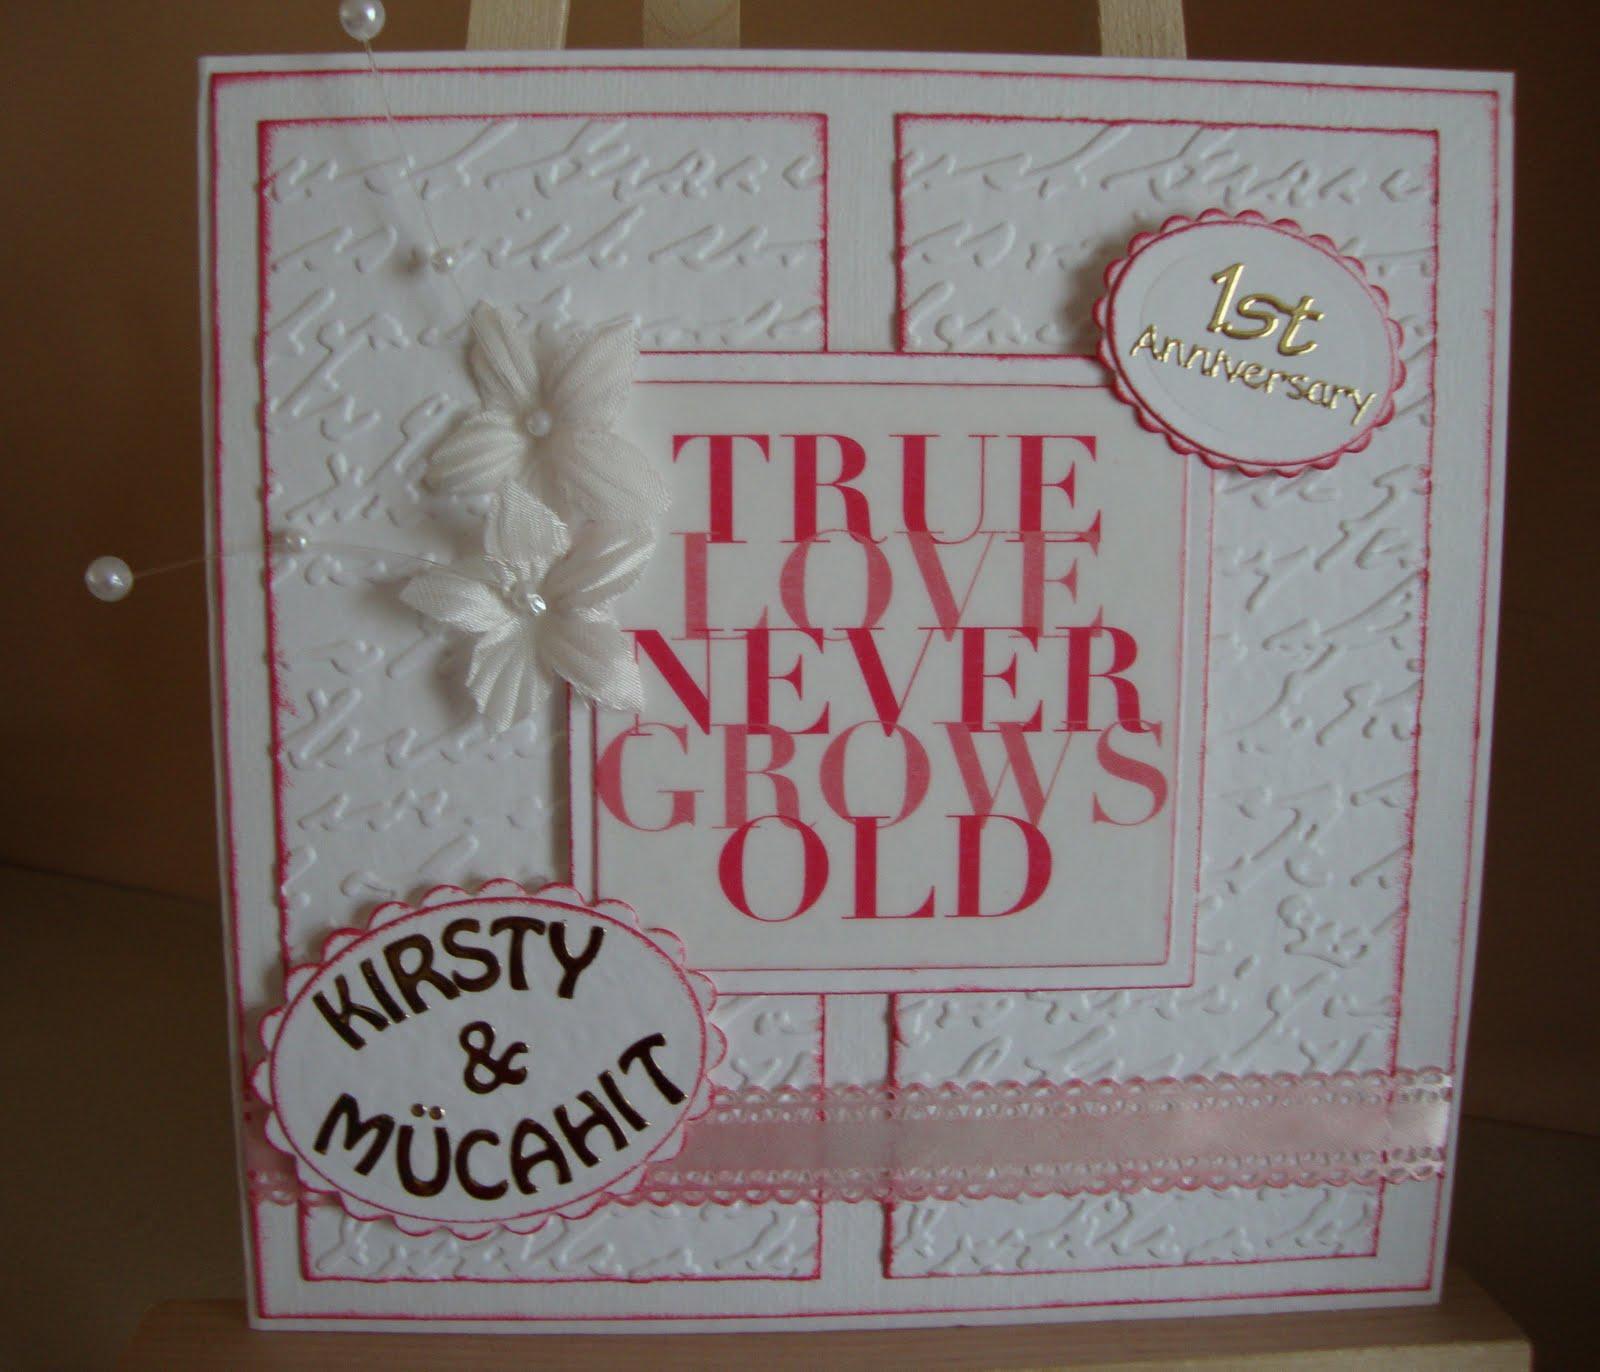 Anniversary Quotes Quotesgram: 13th Wedding Anniversary Quotes. QuotesGram